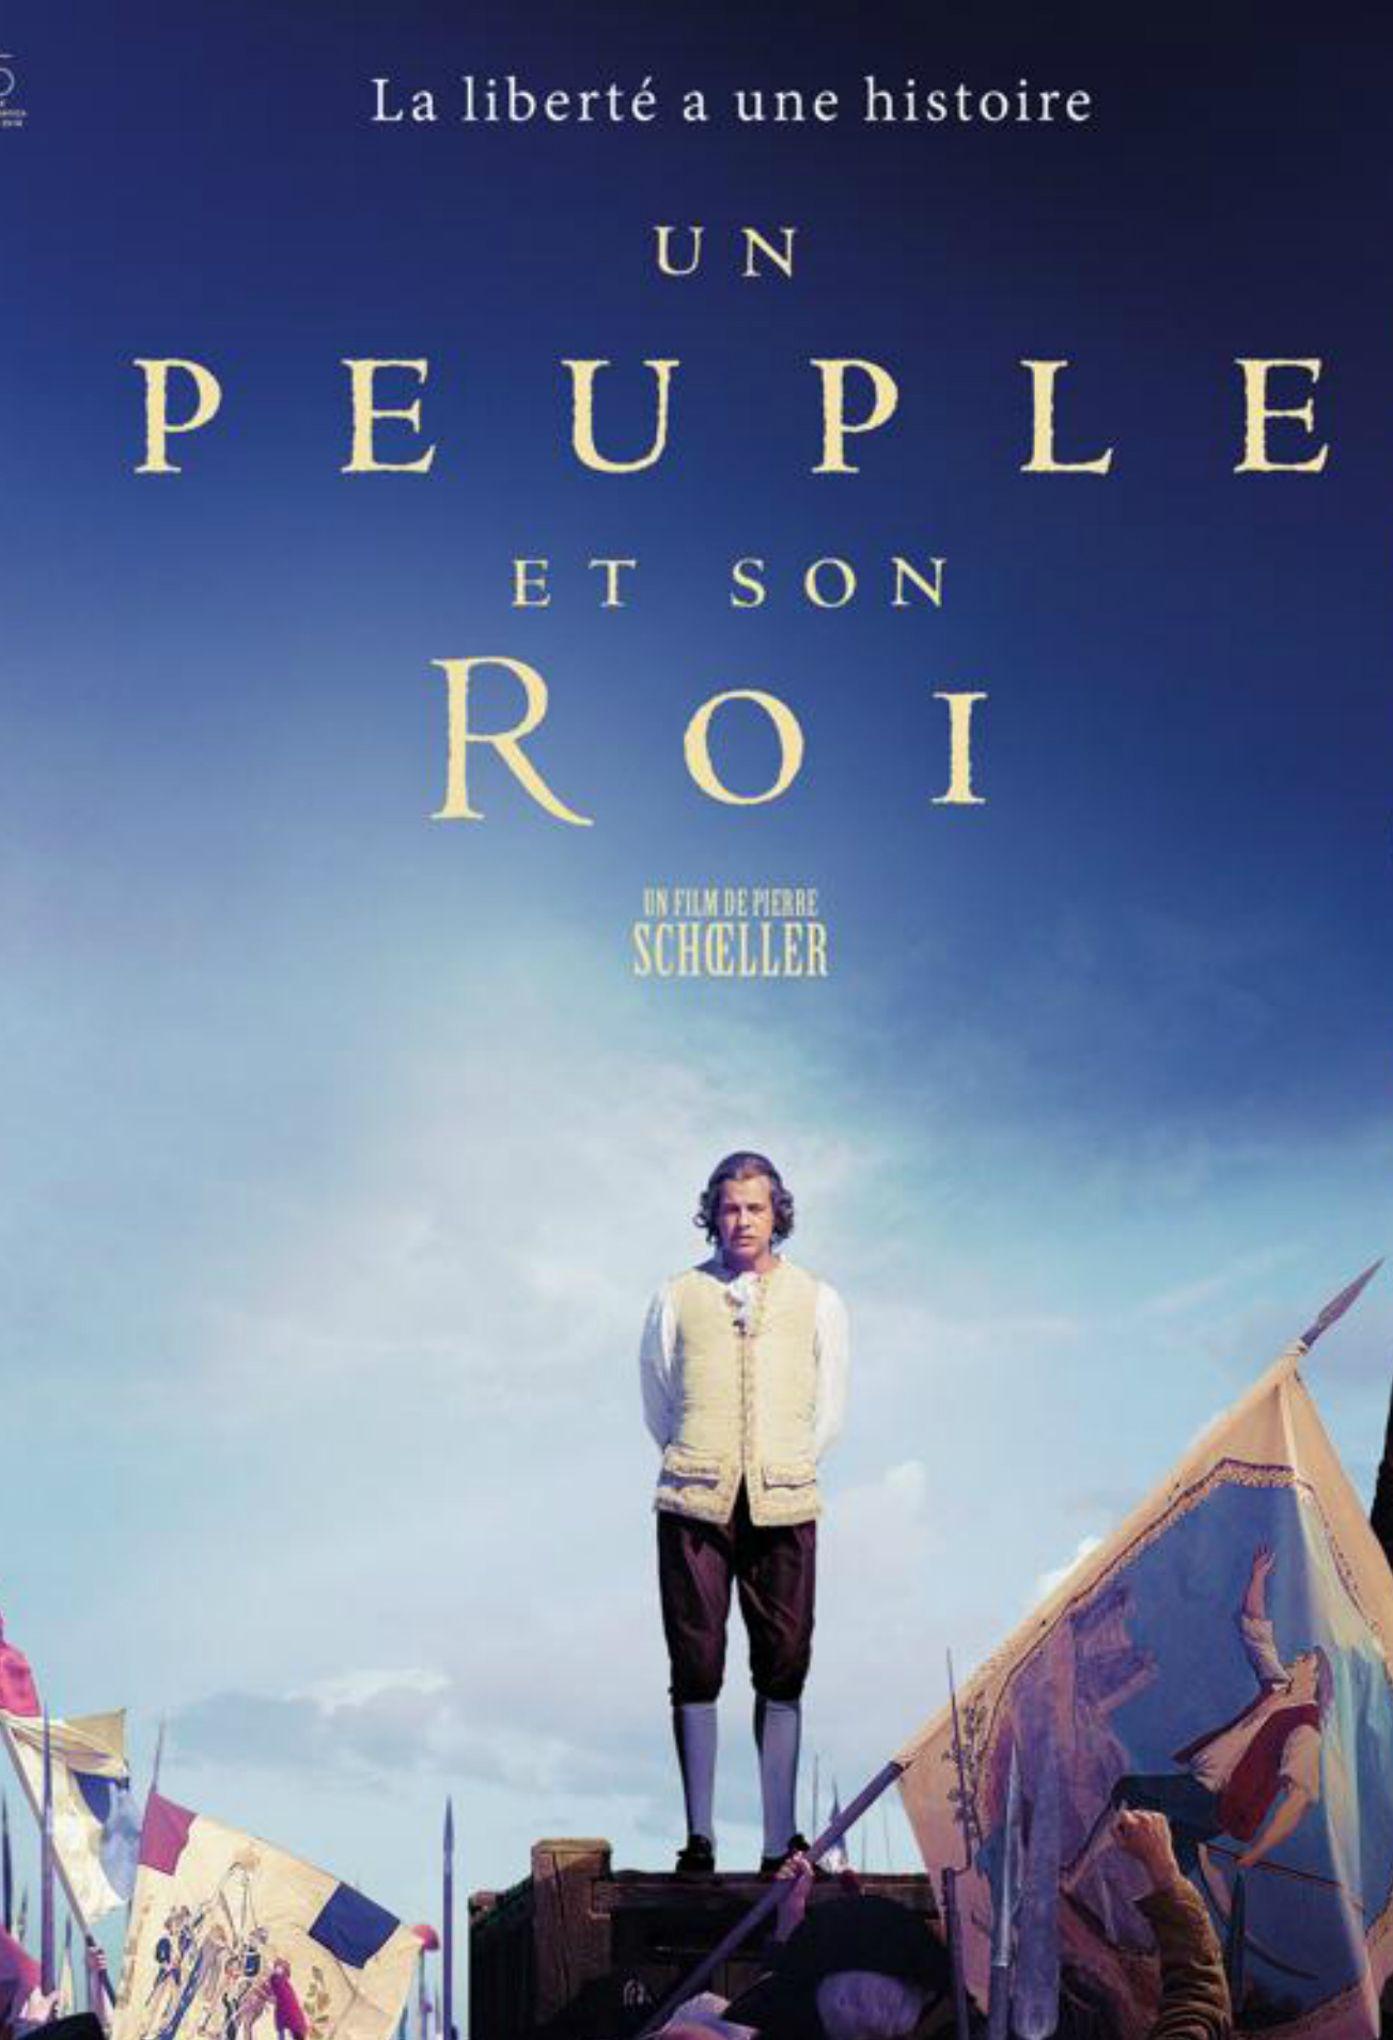 Un peuple et son roi : «Le film donne une vision unilatérale